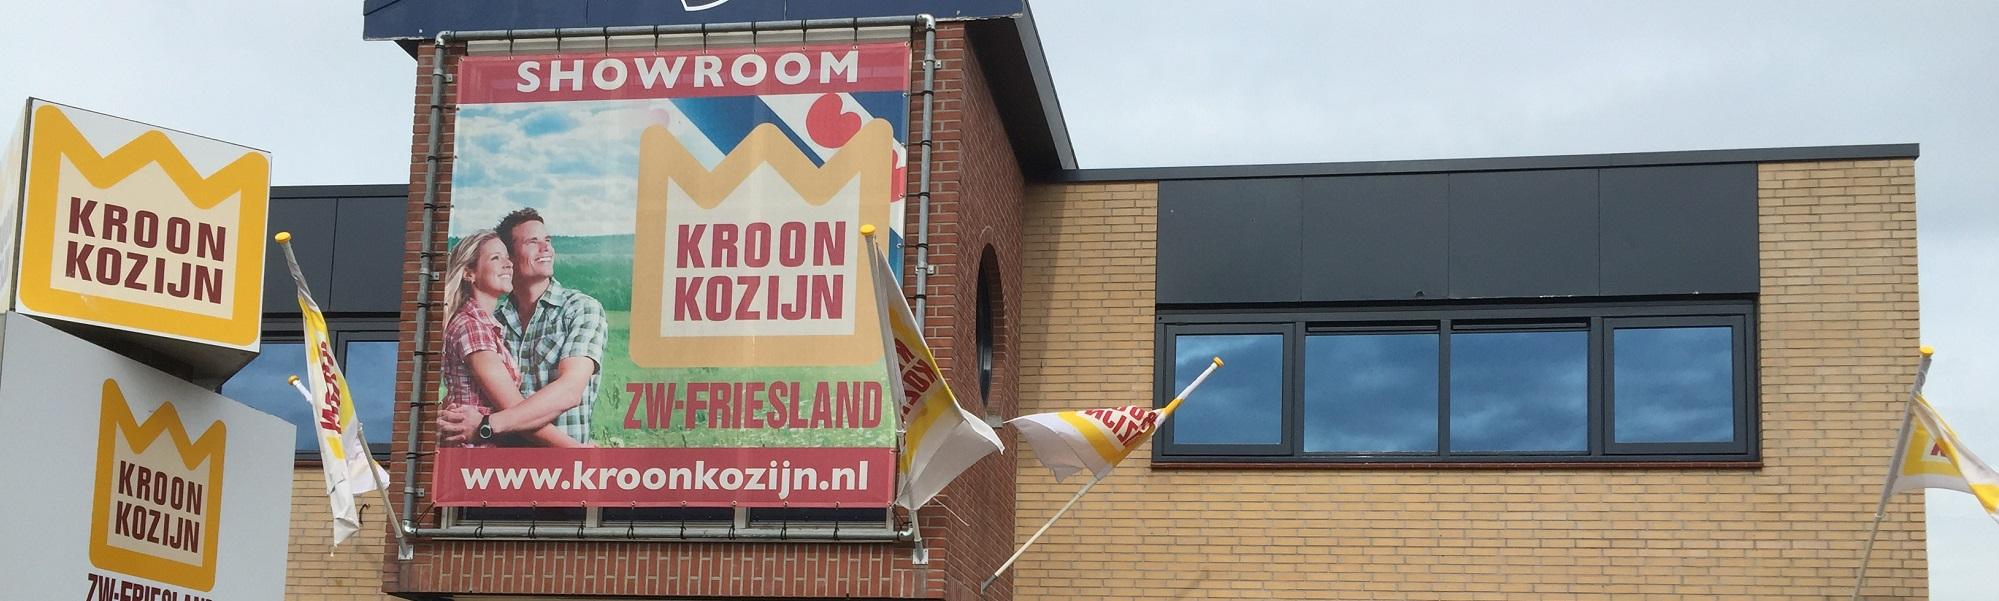 Kroon Kozijn zwFriesland